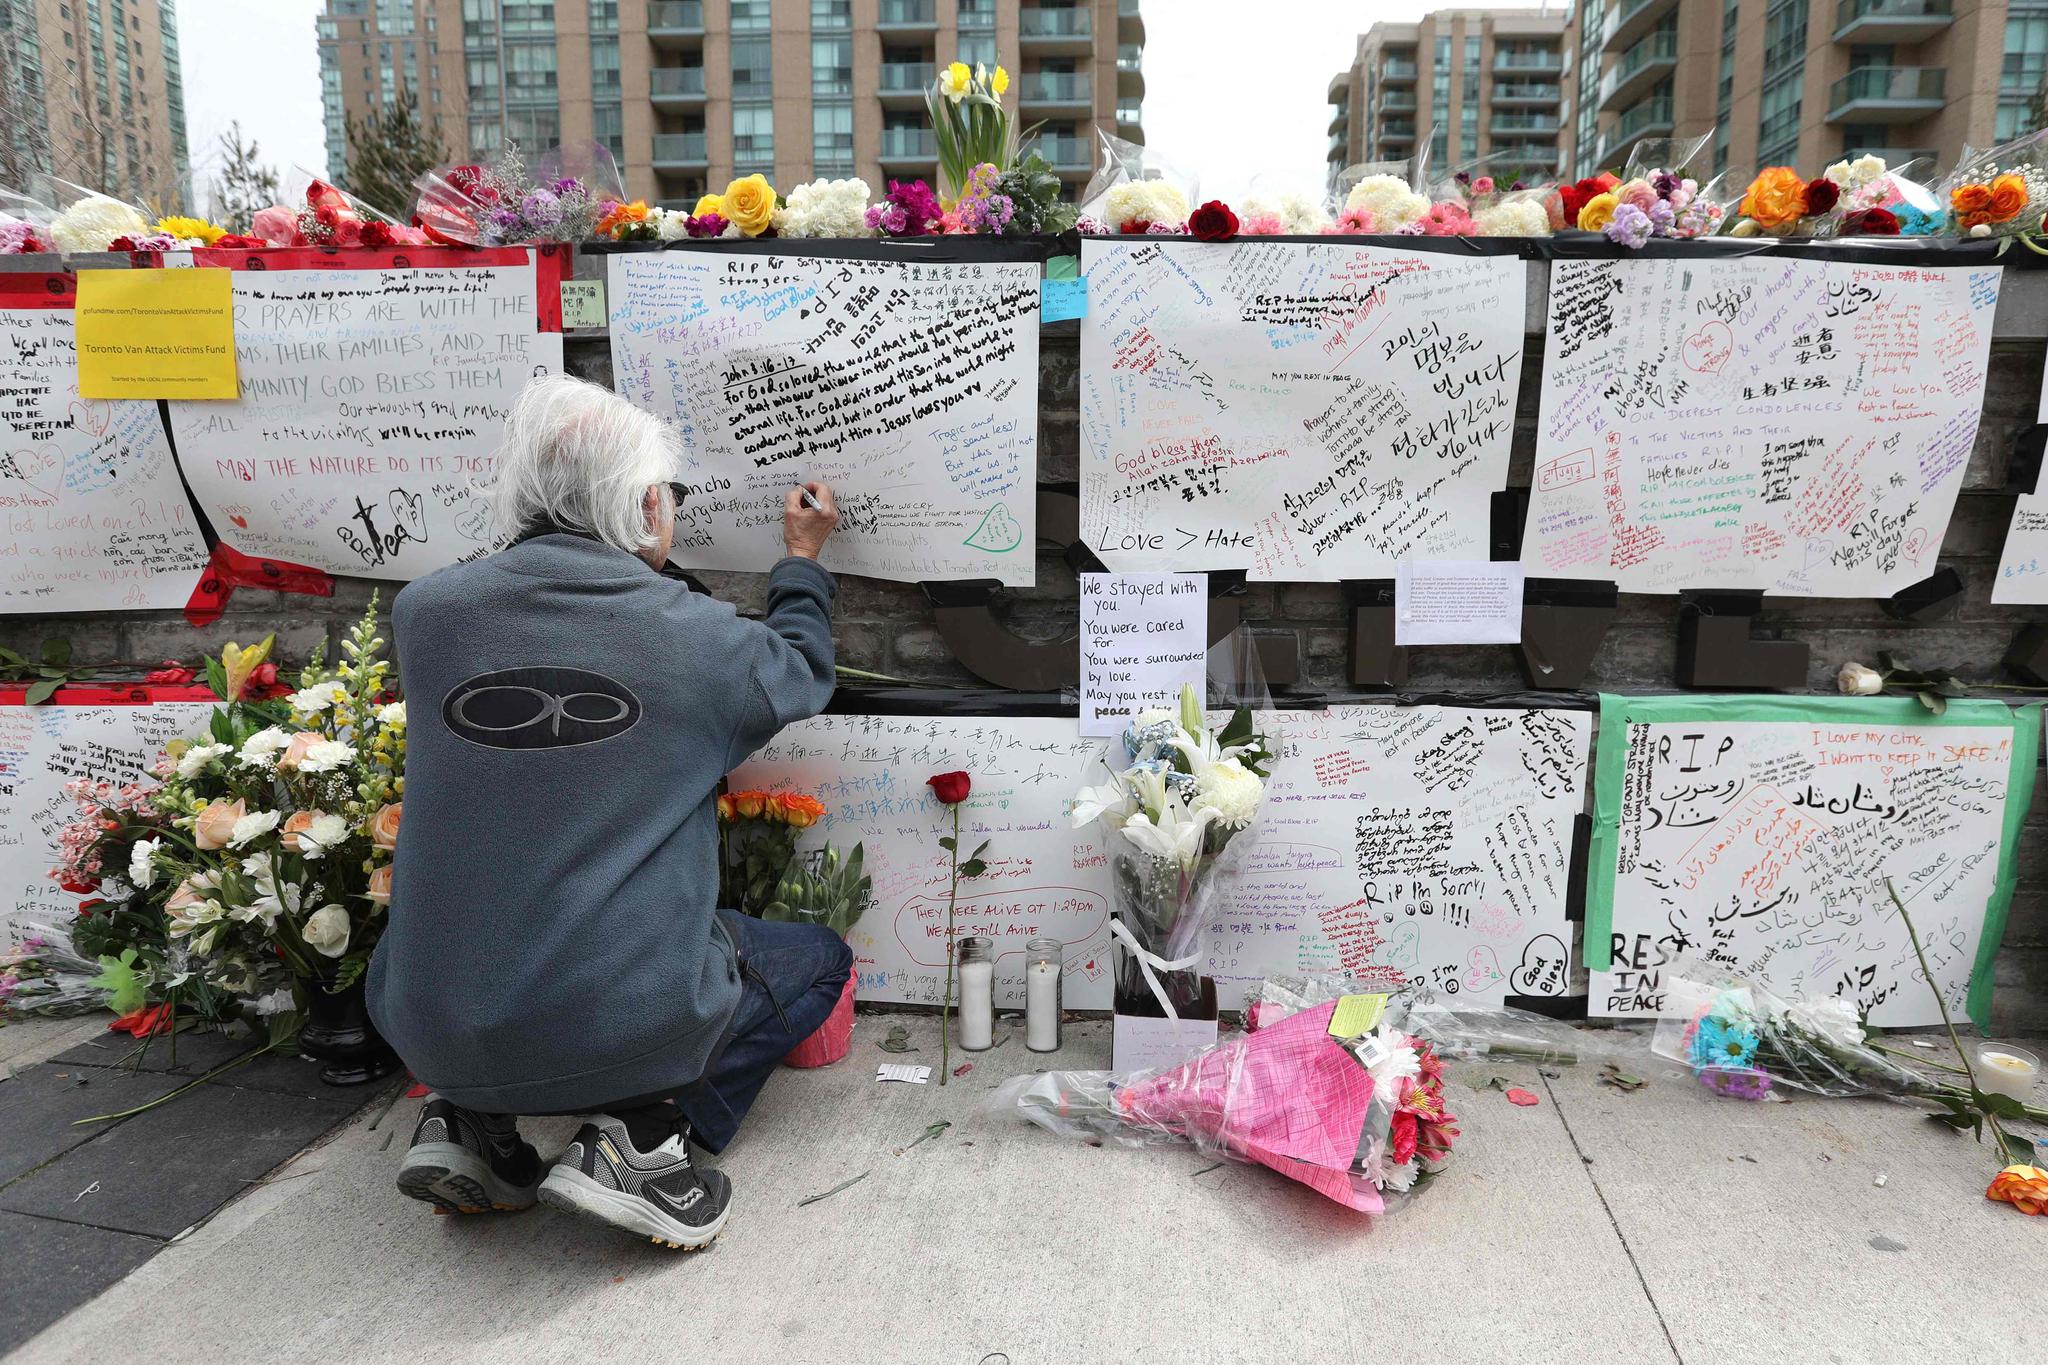 지난 2018년 4월 캐나다 토론토 한 번화가에서 한 시민이 미나시안의 트럭 돌진 사건으로 숨진 희생자들을 추모하고 있다. AFP=연합뉴스